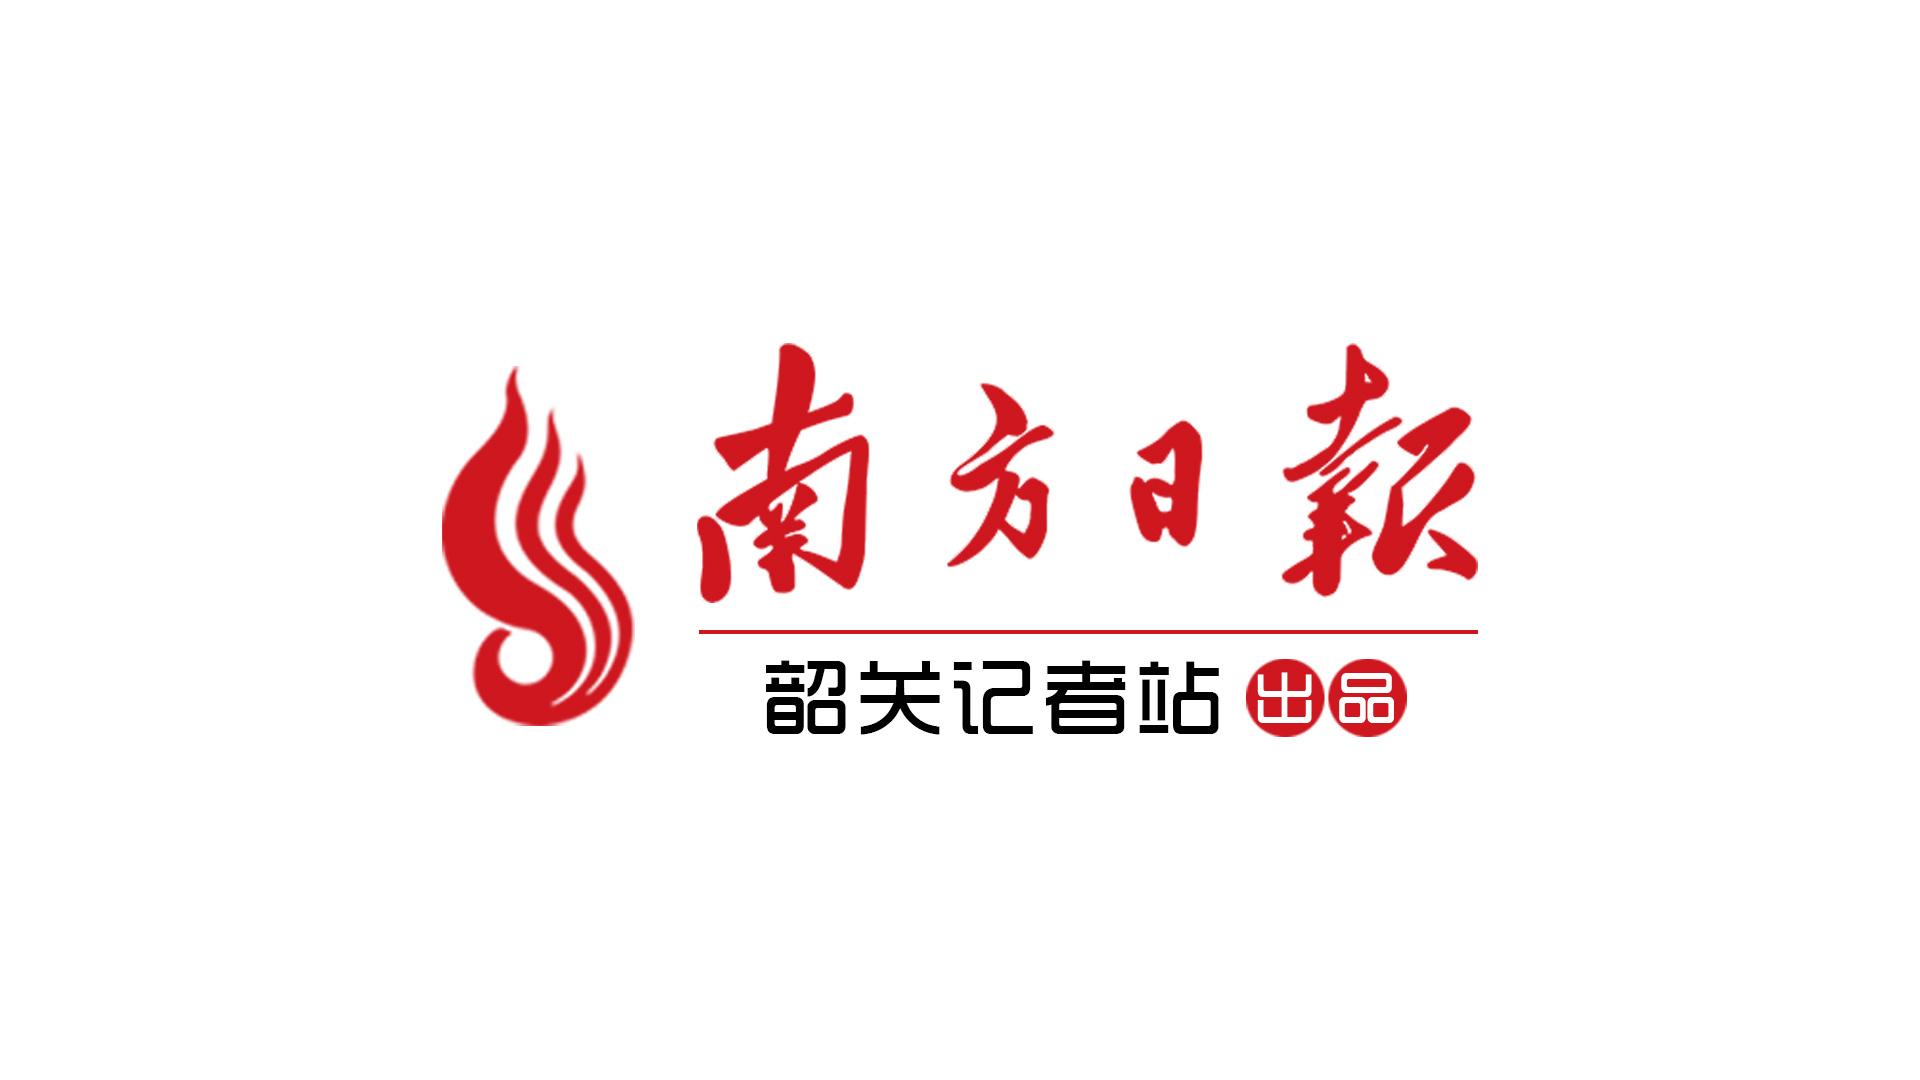 韶关记者站出品logo